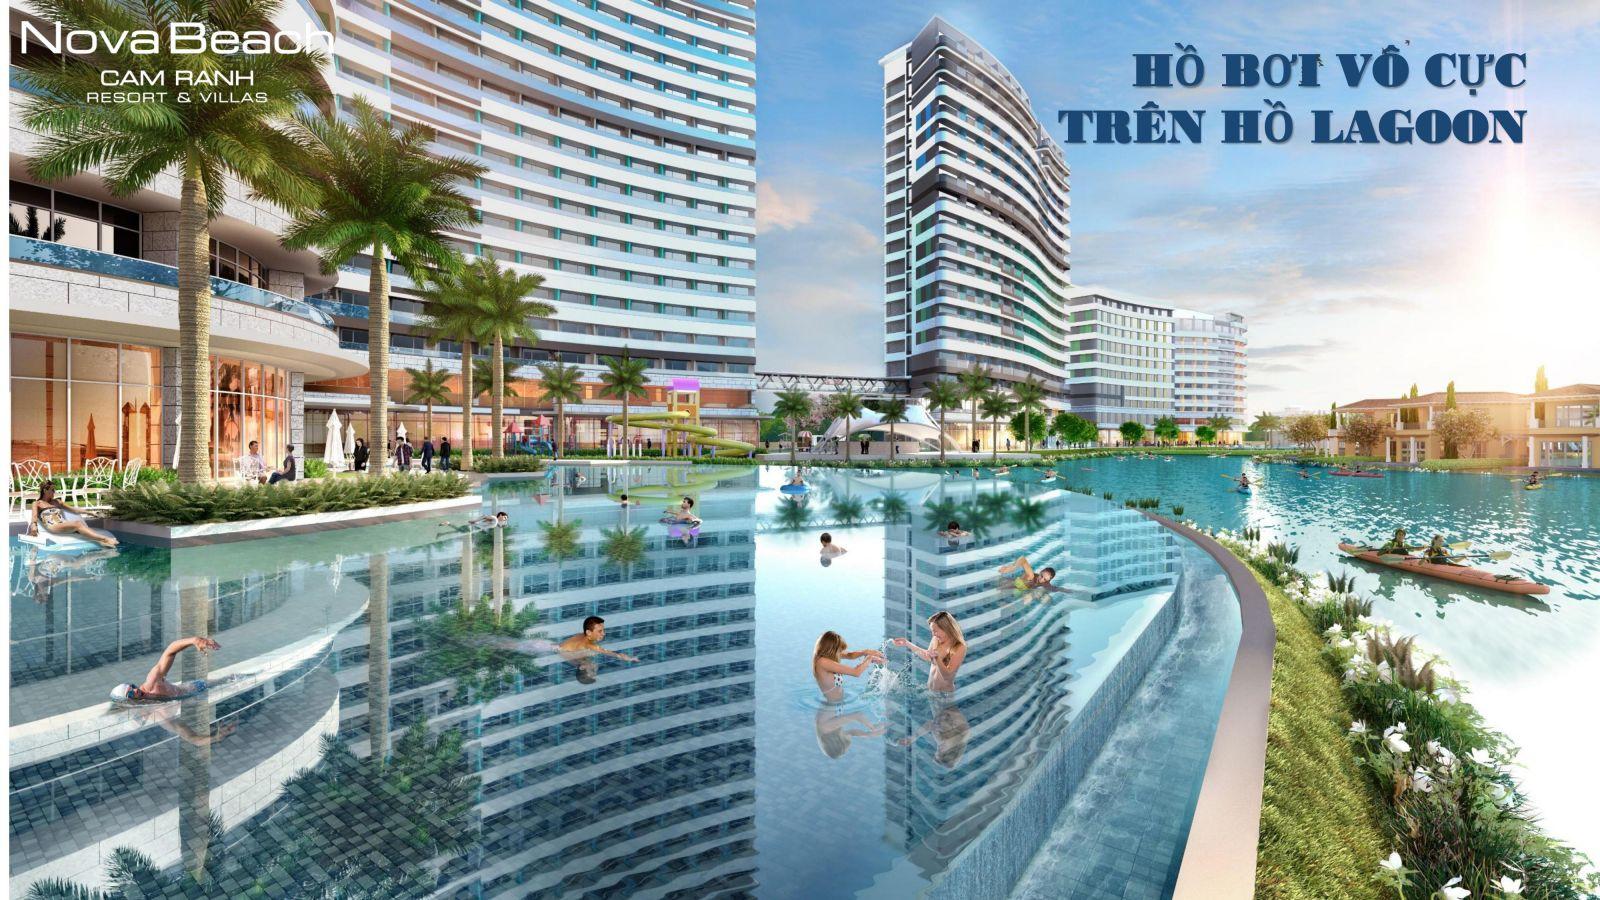 novabeach cam ranh resort and villa tien ho ho boi vô cực